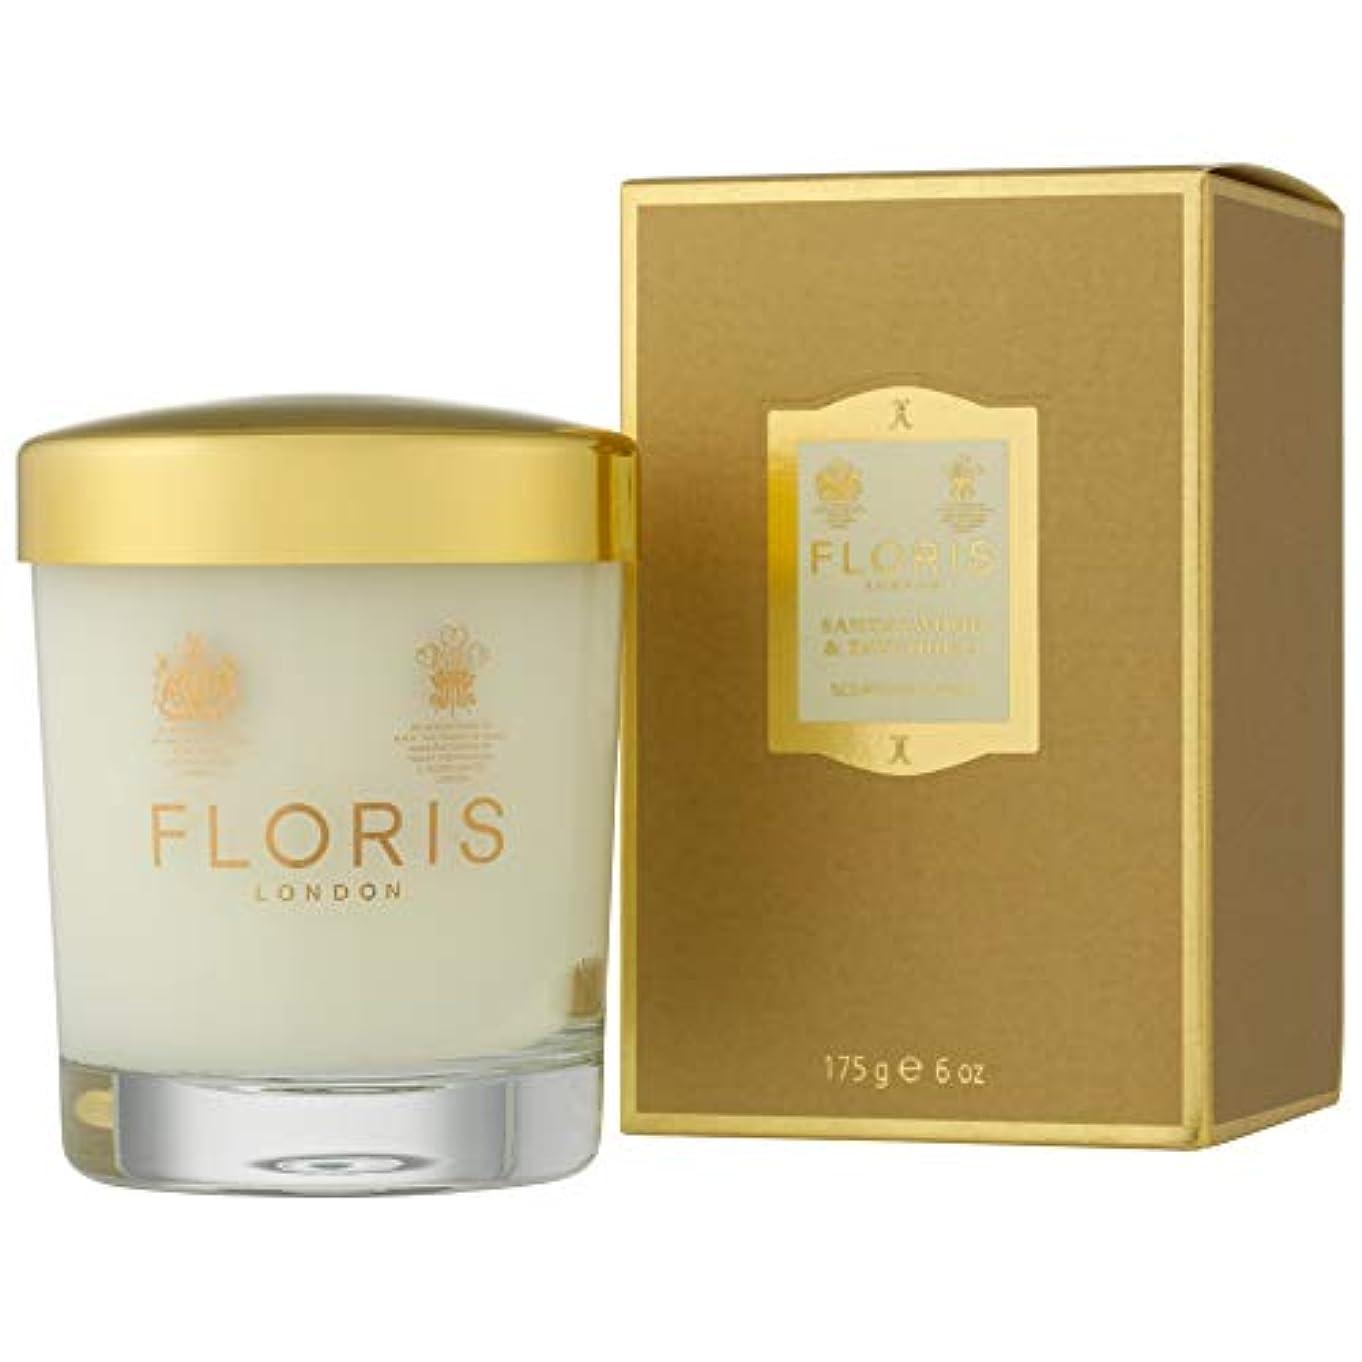 [Floris ] フロリスサンダルウッド&パチュリの香りのキャンドル175グラム - Floris Sandalwood & Patchouli Scented Candle 175g [並行輸入品]